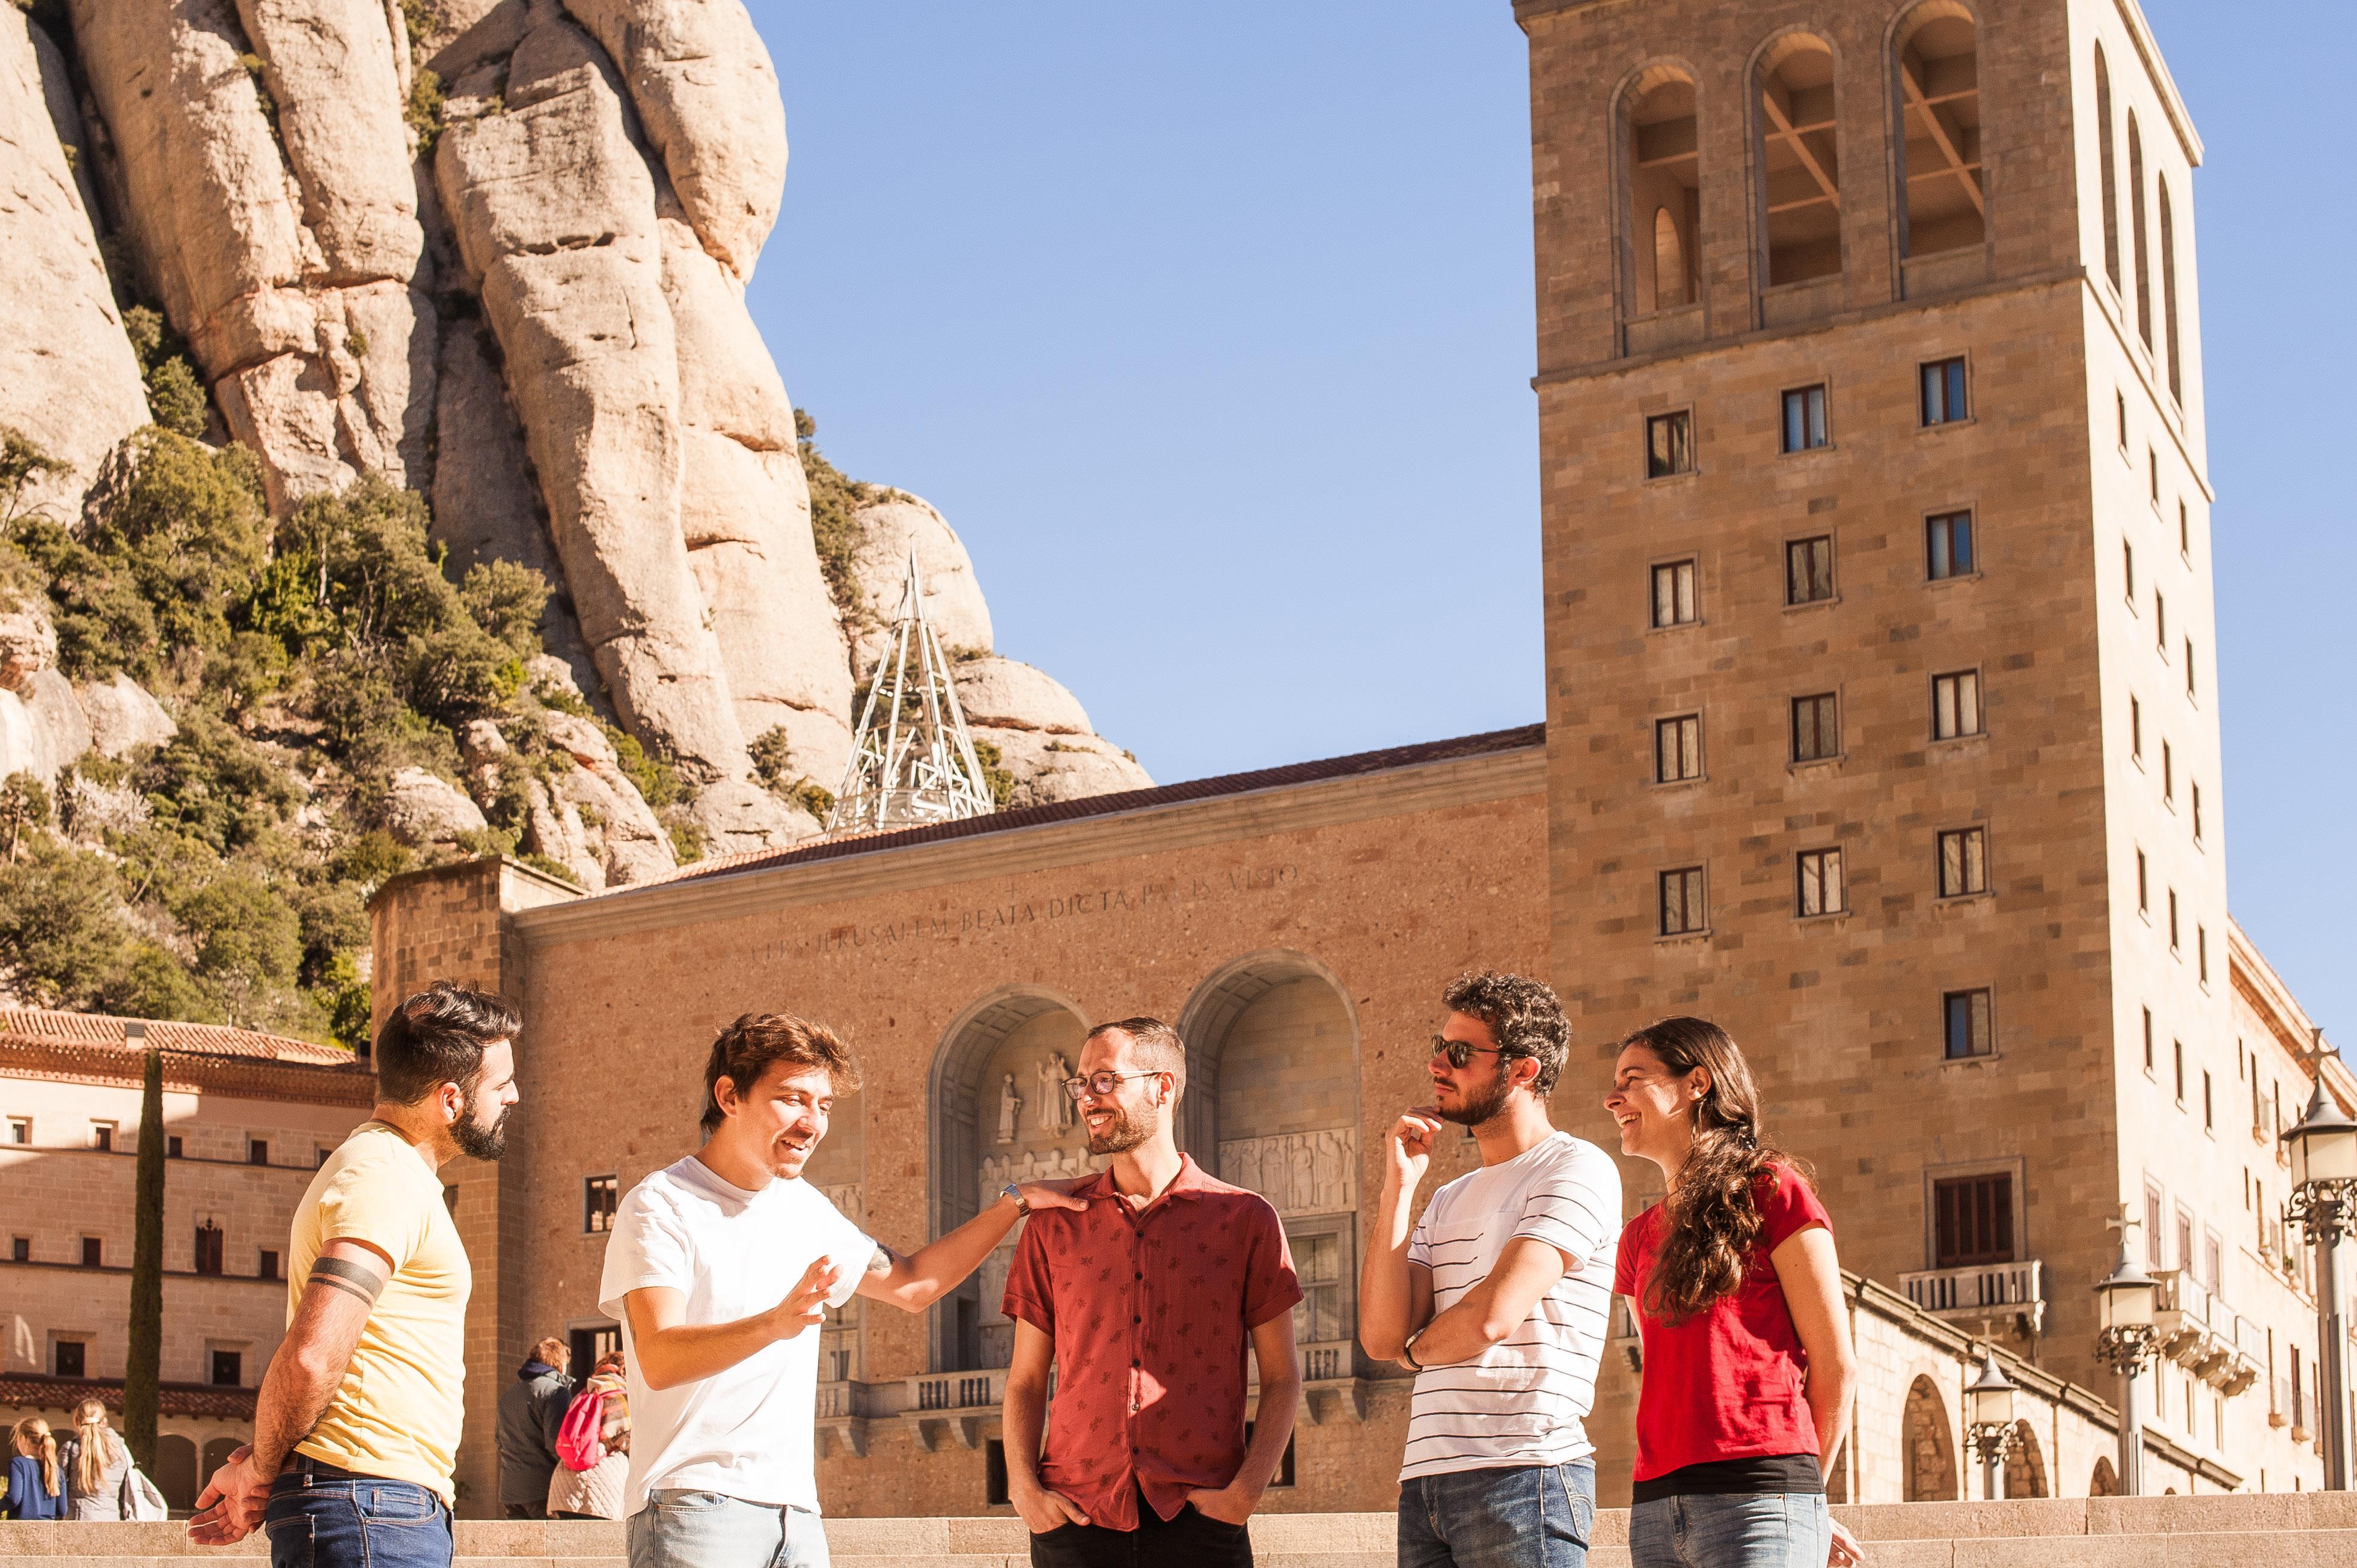 Excursión Montserrat al completo con comida & vino